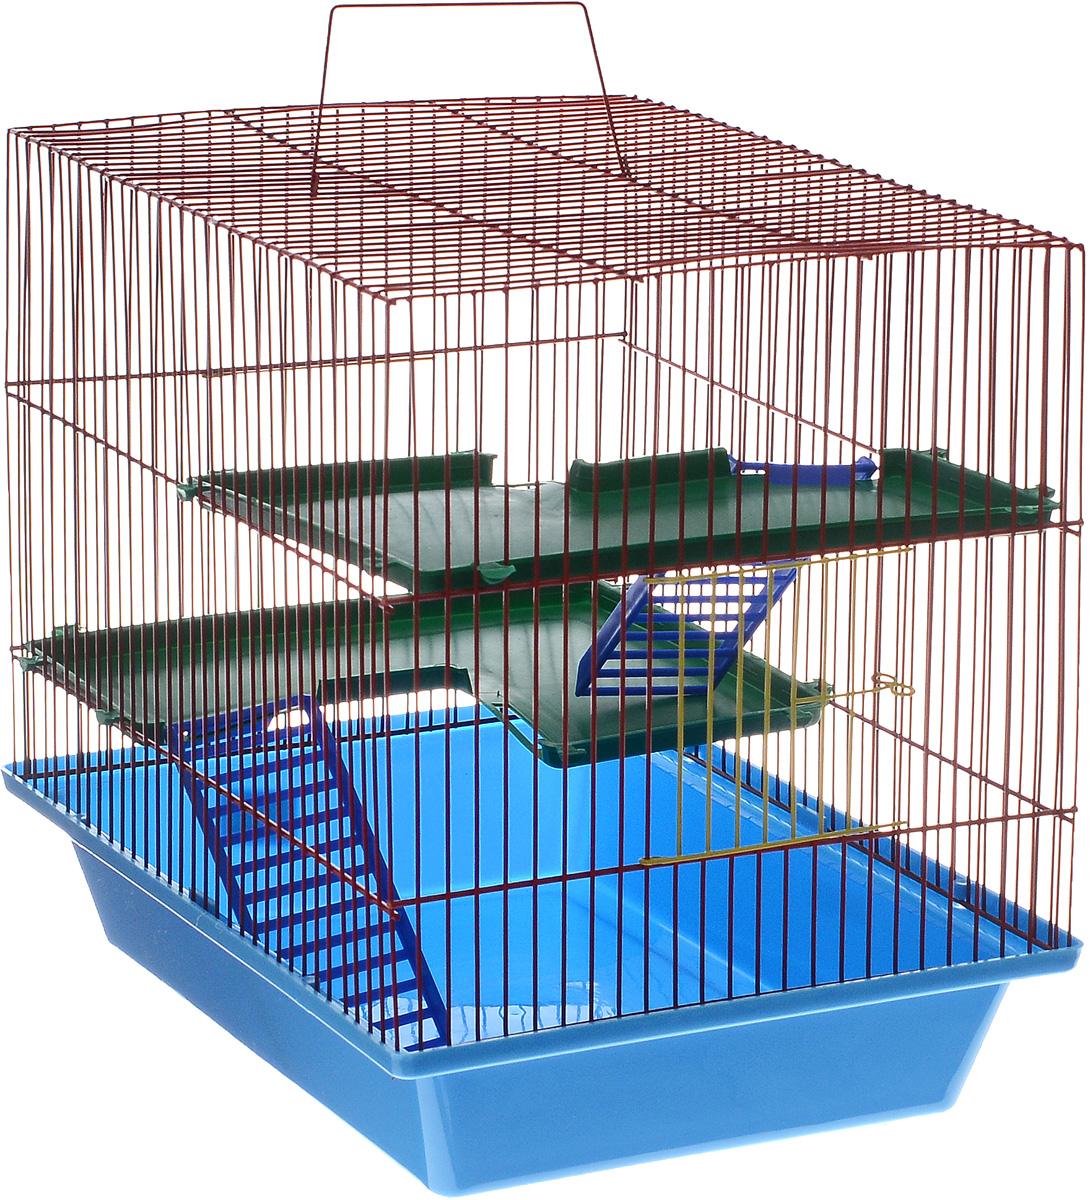 Клетка для грызунов ЗооМарк Гризли, 3-этажная, цвет: синий поддон, красная решетка, зеленые этажи, 41 х 30 х 36 см230СККлетка ЗооМарк Гризли, выполненная из полипропилена и металла, подходит для мелких грызунов. Изделие трехэтажное. Клетка имеет яркий поддон, удобна в использовании и легко чистится. Сверху имеется ручка для переноски. Такая клетка станет уединенным личным пространством и уютным домиком для маленького грызуна.